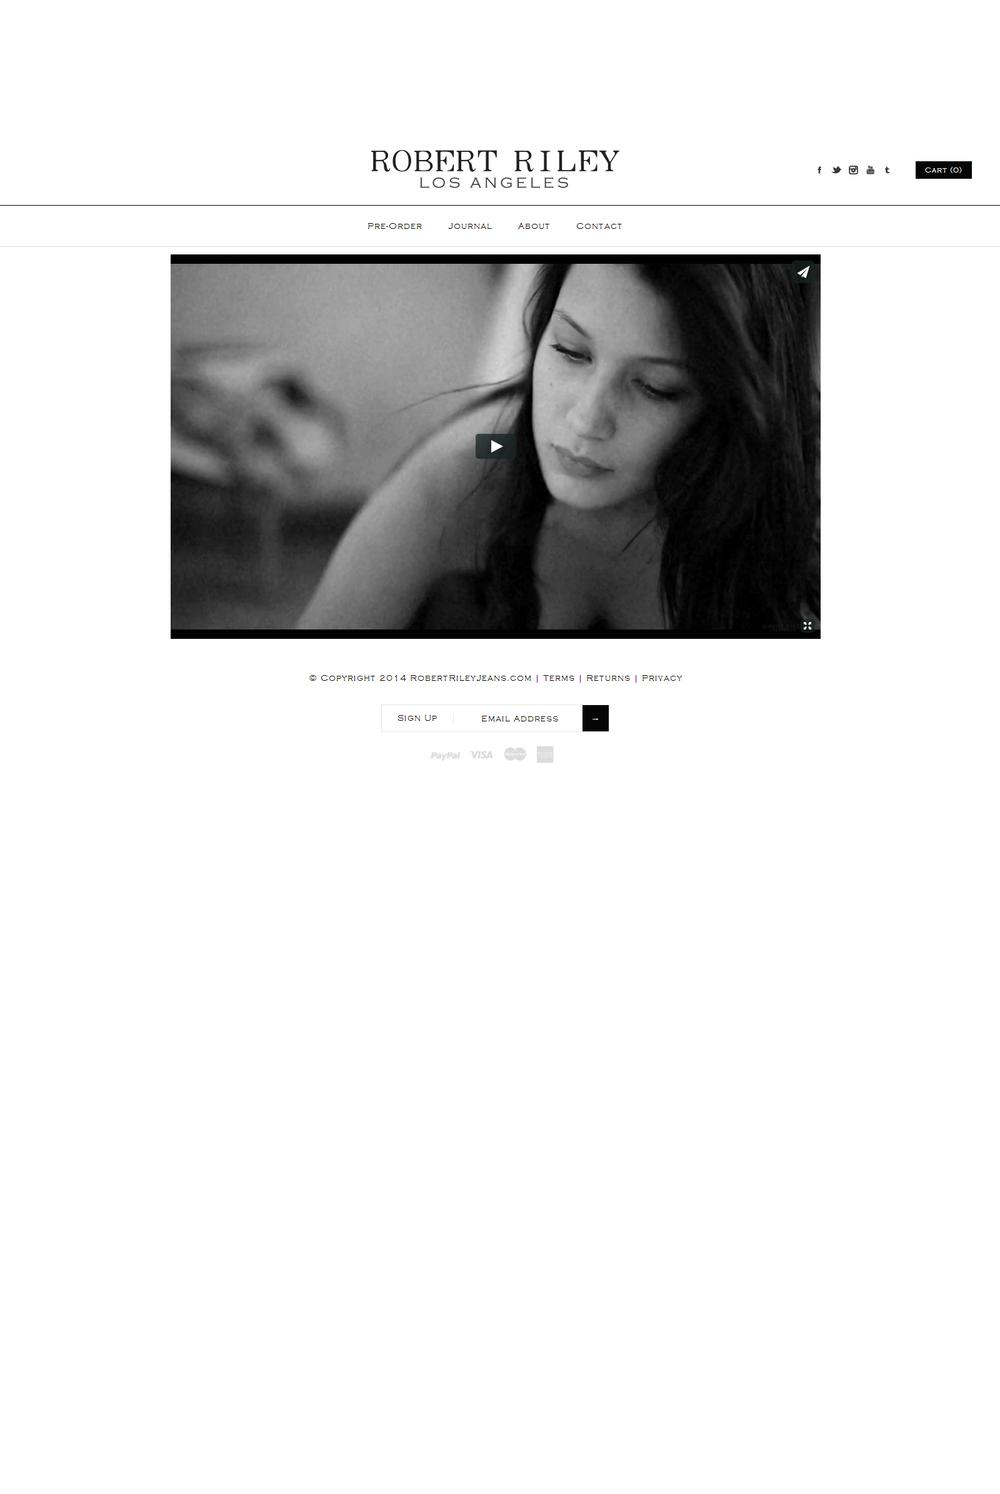 RRJ_Homepage.jpg